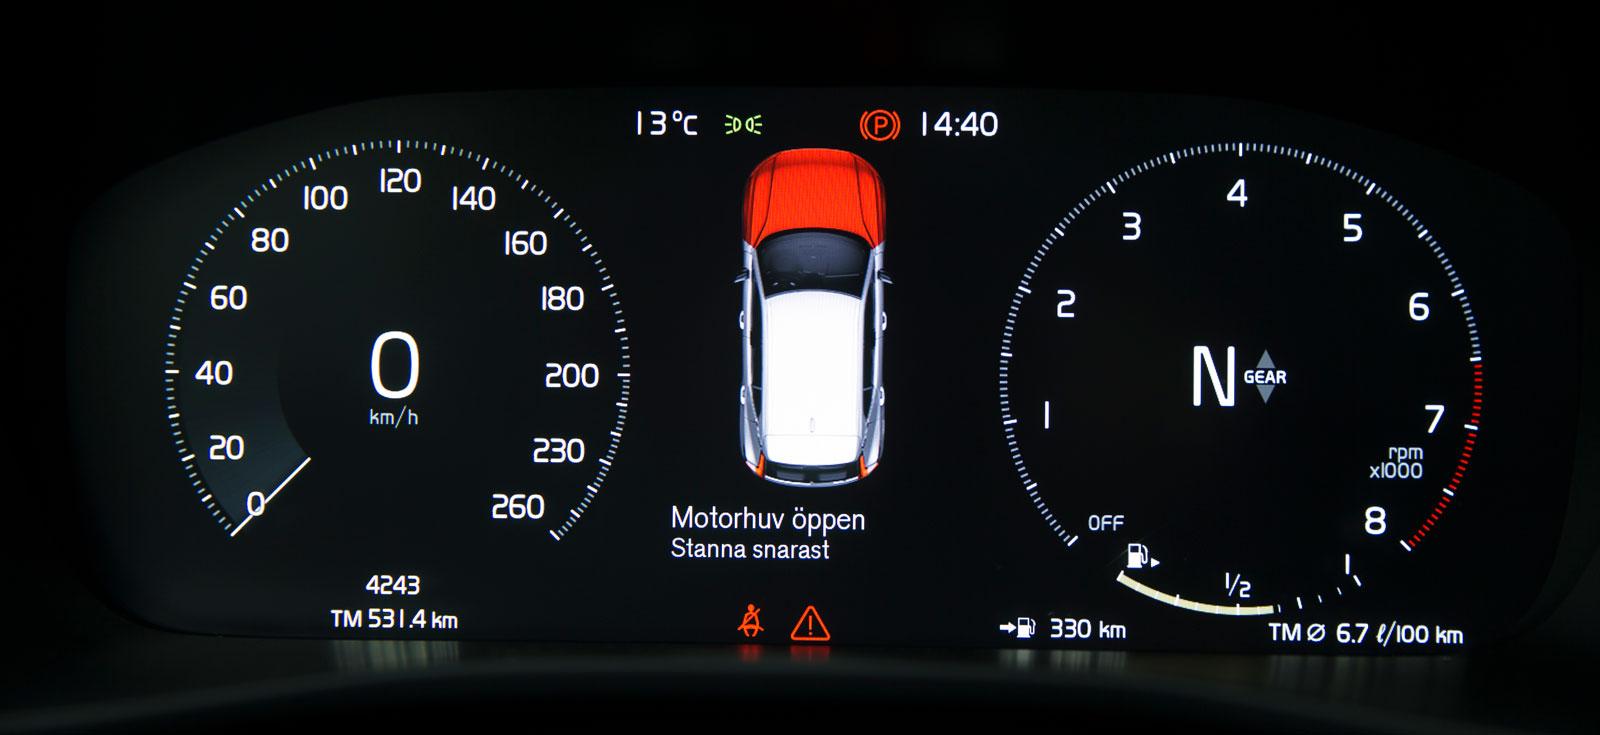 Volvos digitala instrument är testets tydligaste och elegantaste. Mellan mätarrundlarna visas olika typer av varningar samt  uppgifter från mediesystemet. Med inbyggd navigator (tillval) kan även kartbilden visas där.